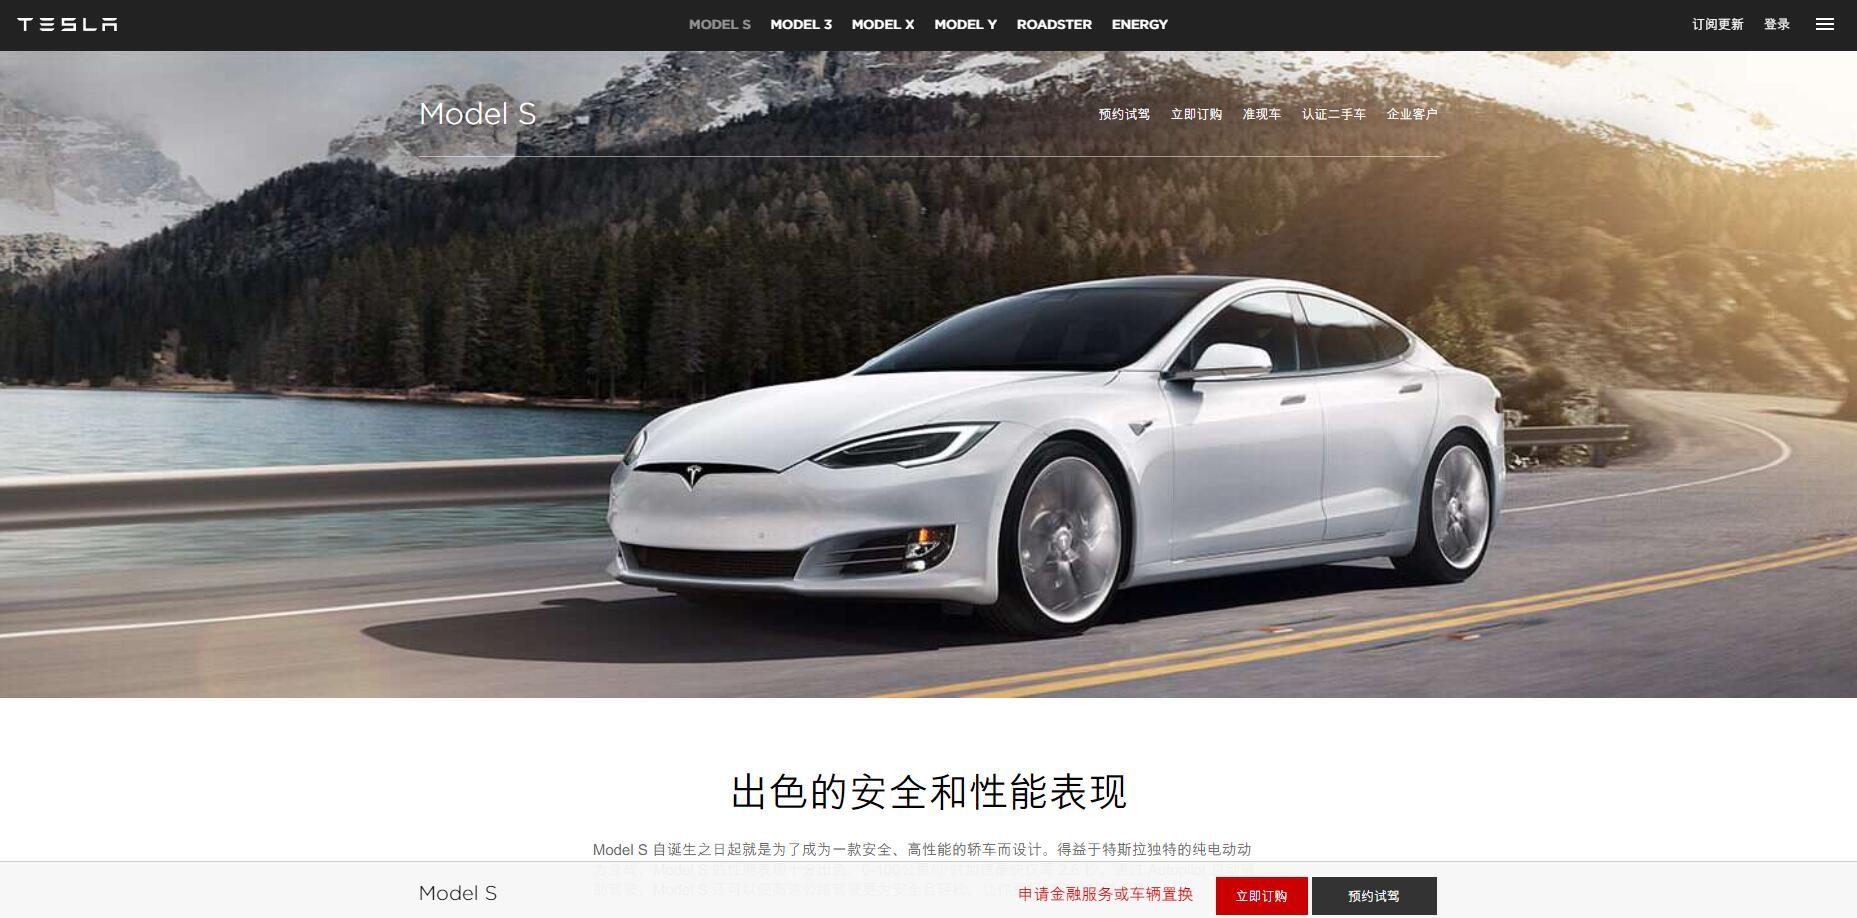 特斯拉电动汽车网页设计